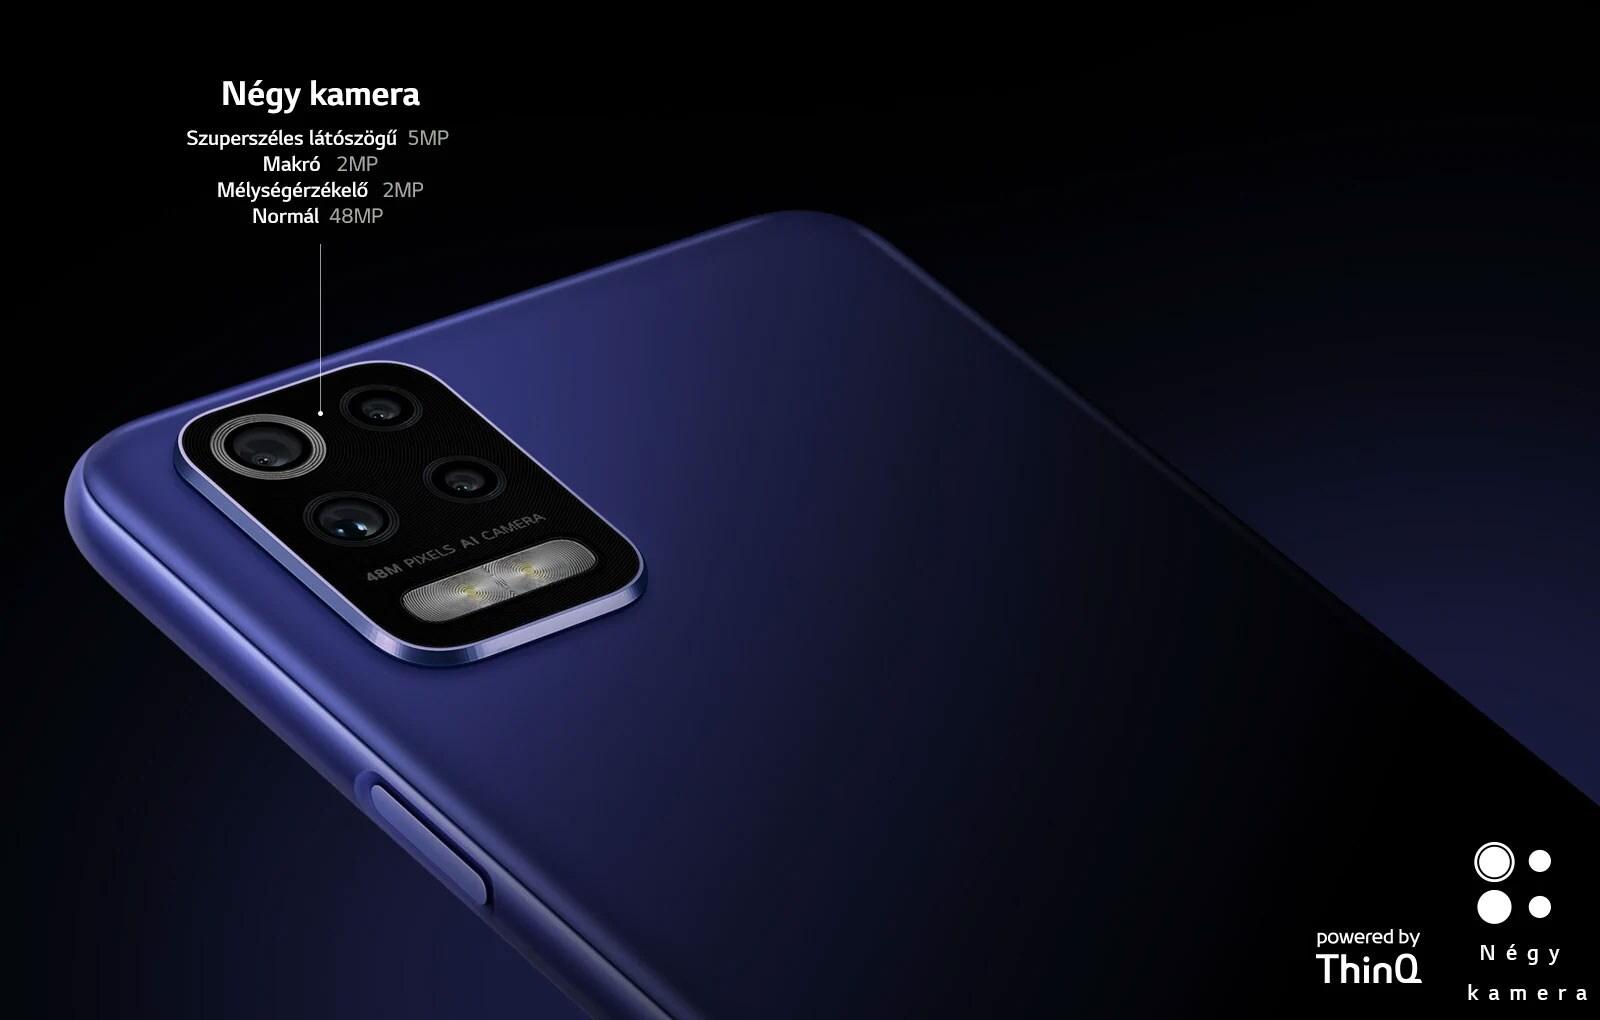 Az okostelefon hátulnézete a négy kamerával